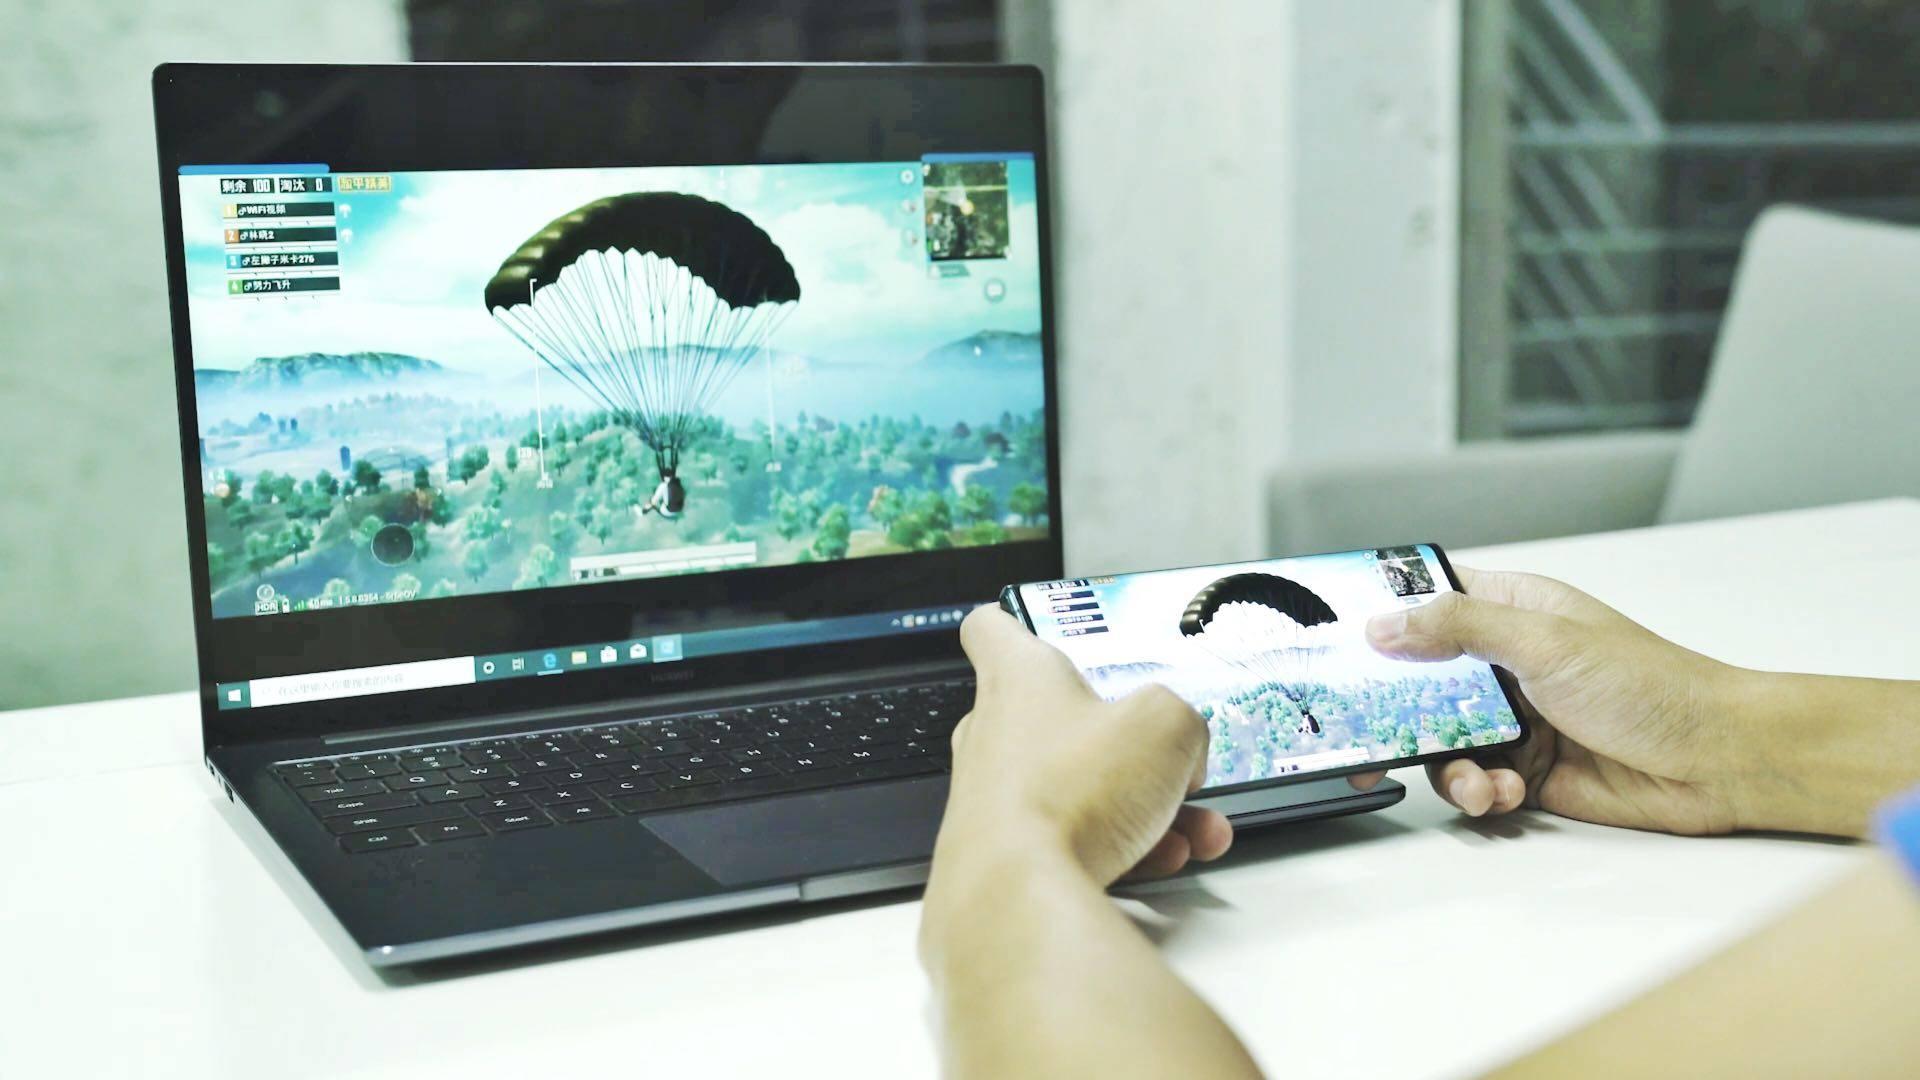 华为 Mate30 Pro 5G 游戏体验: 解锁 5G 时代新玩法